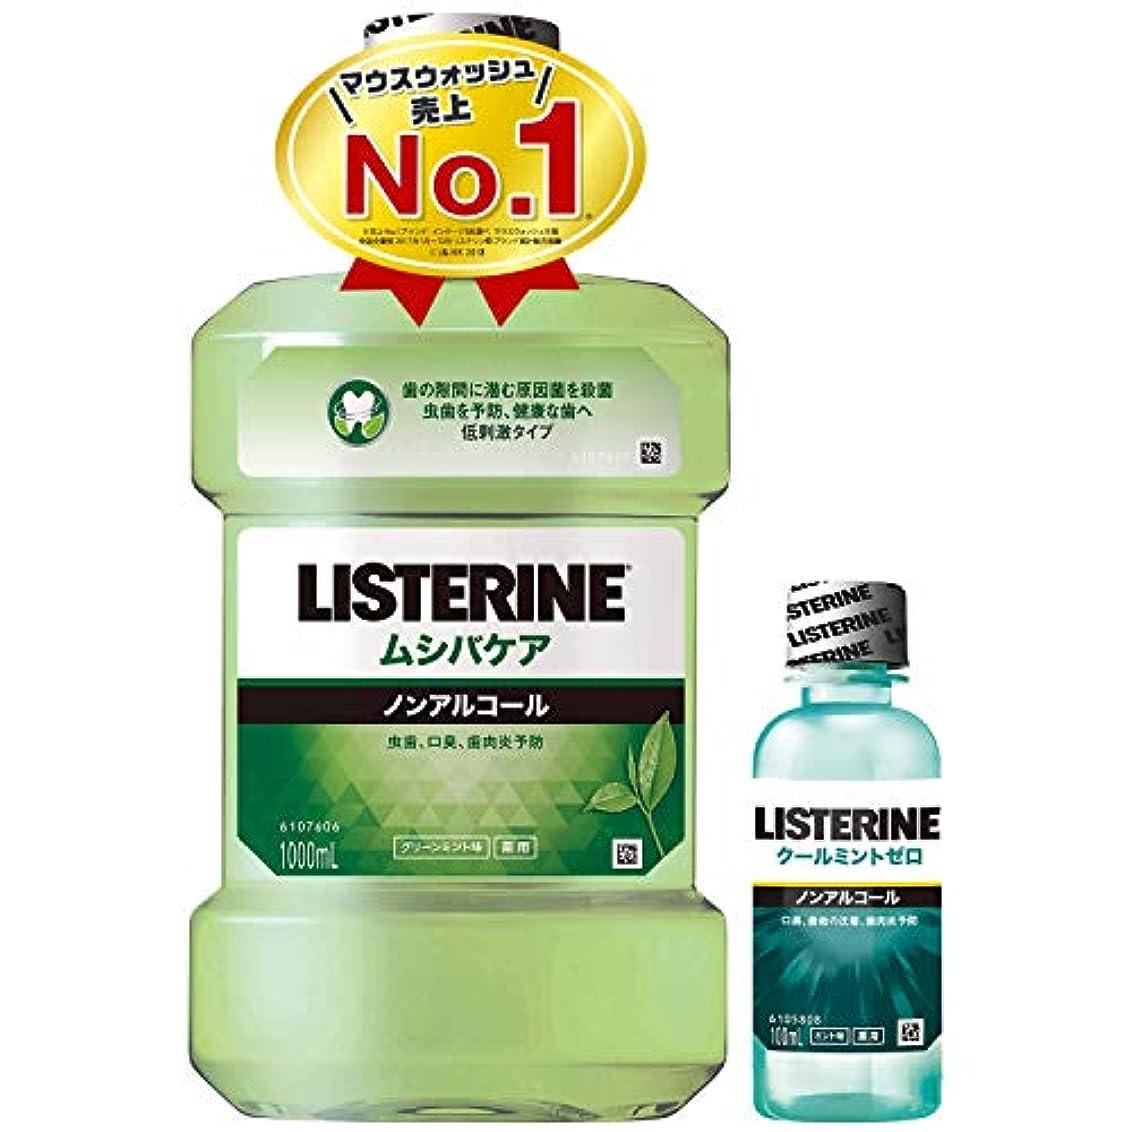 接続櫛確立【Amazon.co.jp限定】 LISTERINE(リステリン) [医薬部外品] 薬用 リステリン ムシバケア マウスウォッシュ グリーンミント味 1000mL+おまけつき